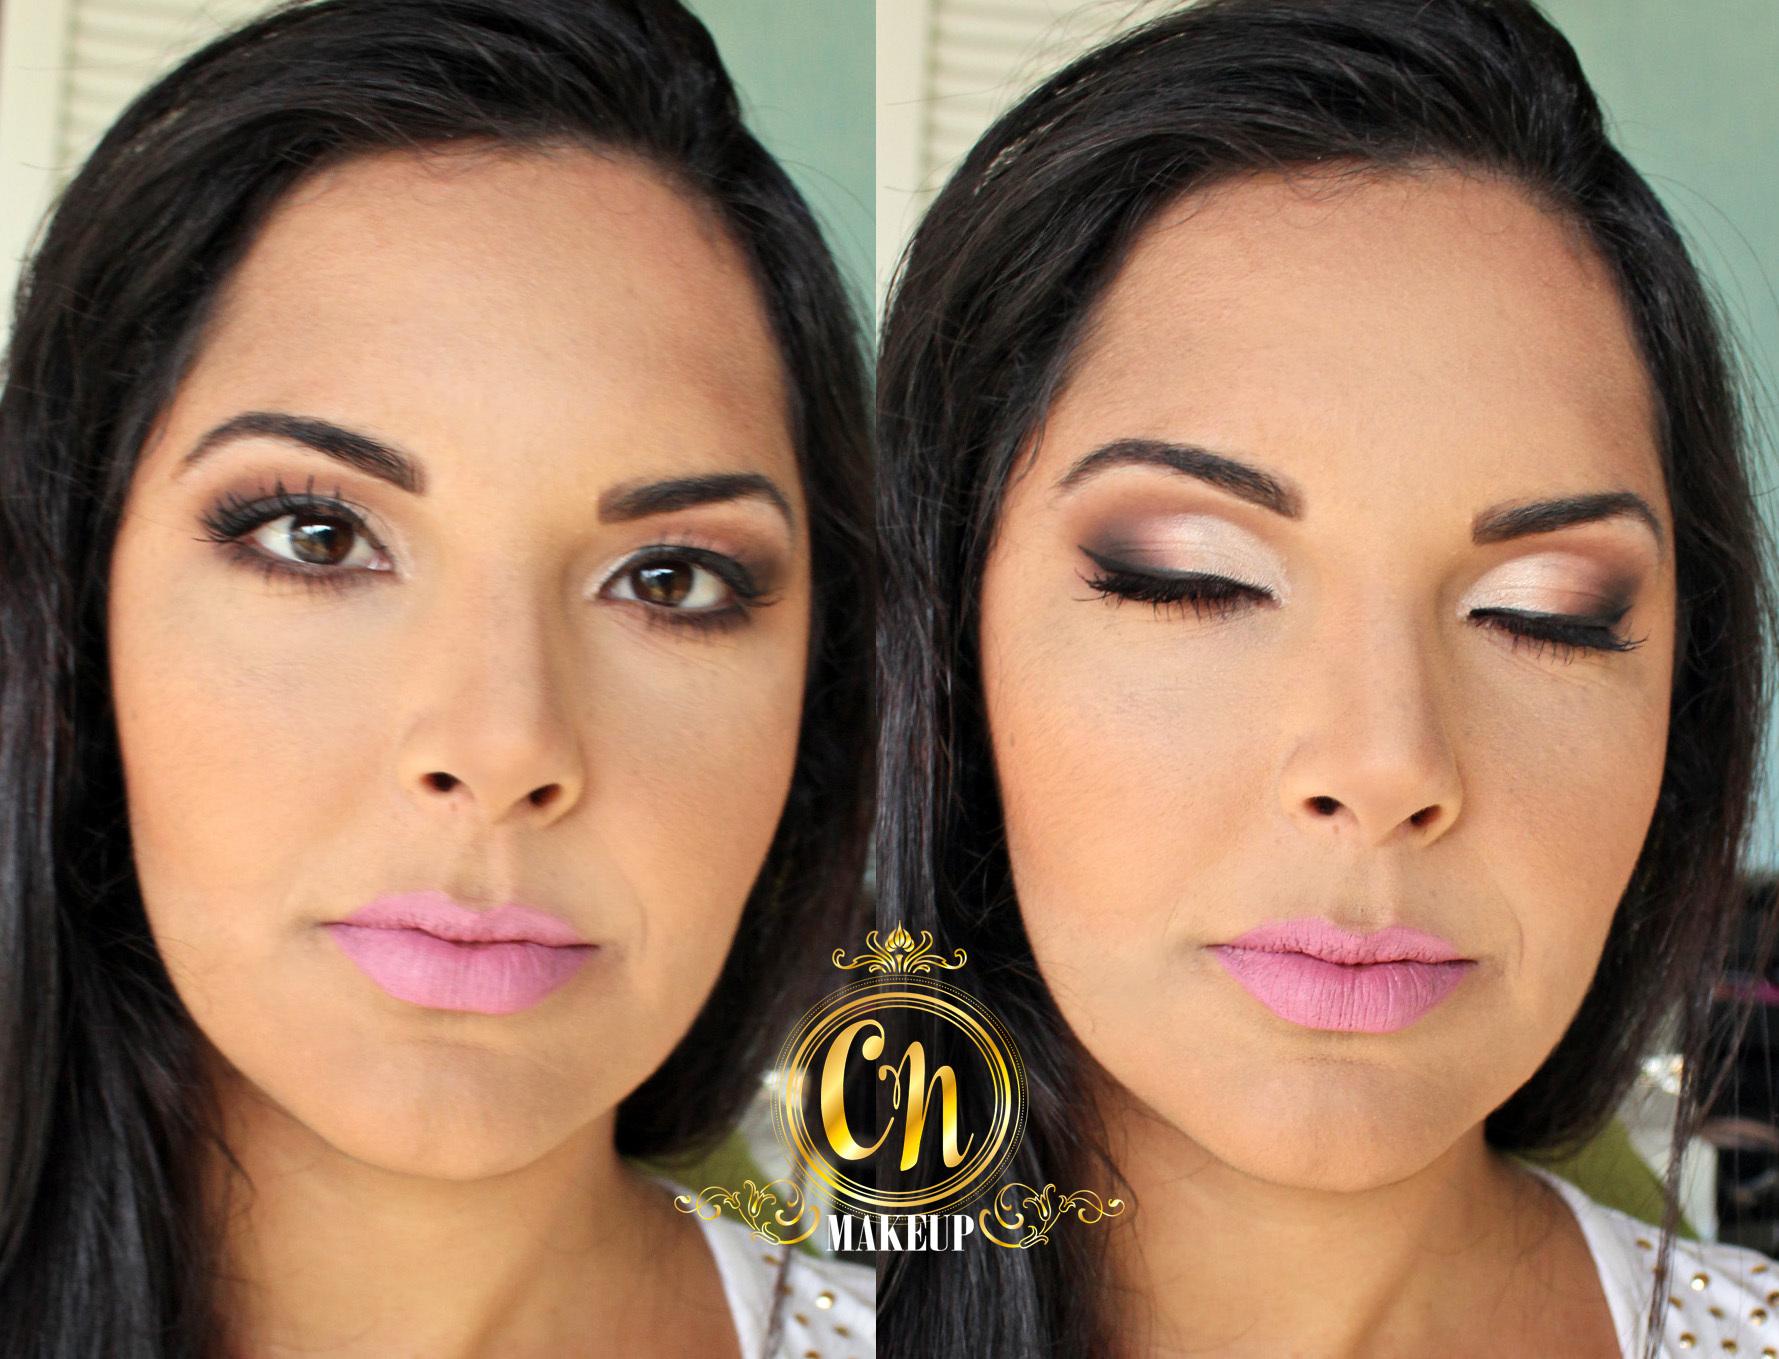 Maquiagem neutra para casamento! . #makeup #makeupartist #mua #maquiagempro #makeuppro #neutralmakeup #maquiagemneutra #maquiagemleve #casamento #casamentopraia #maquiadora #maquiadoraubatuba maquiagem maquiador(a)